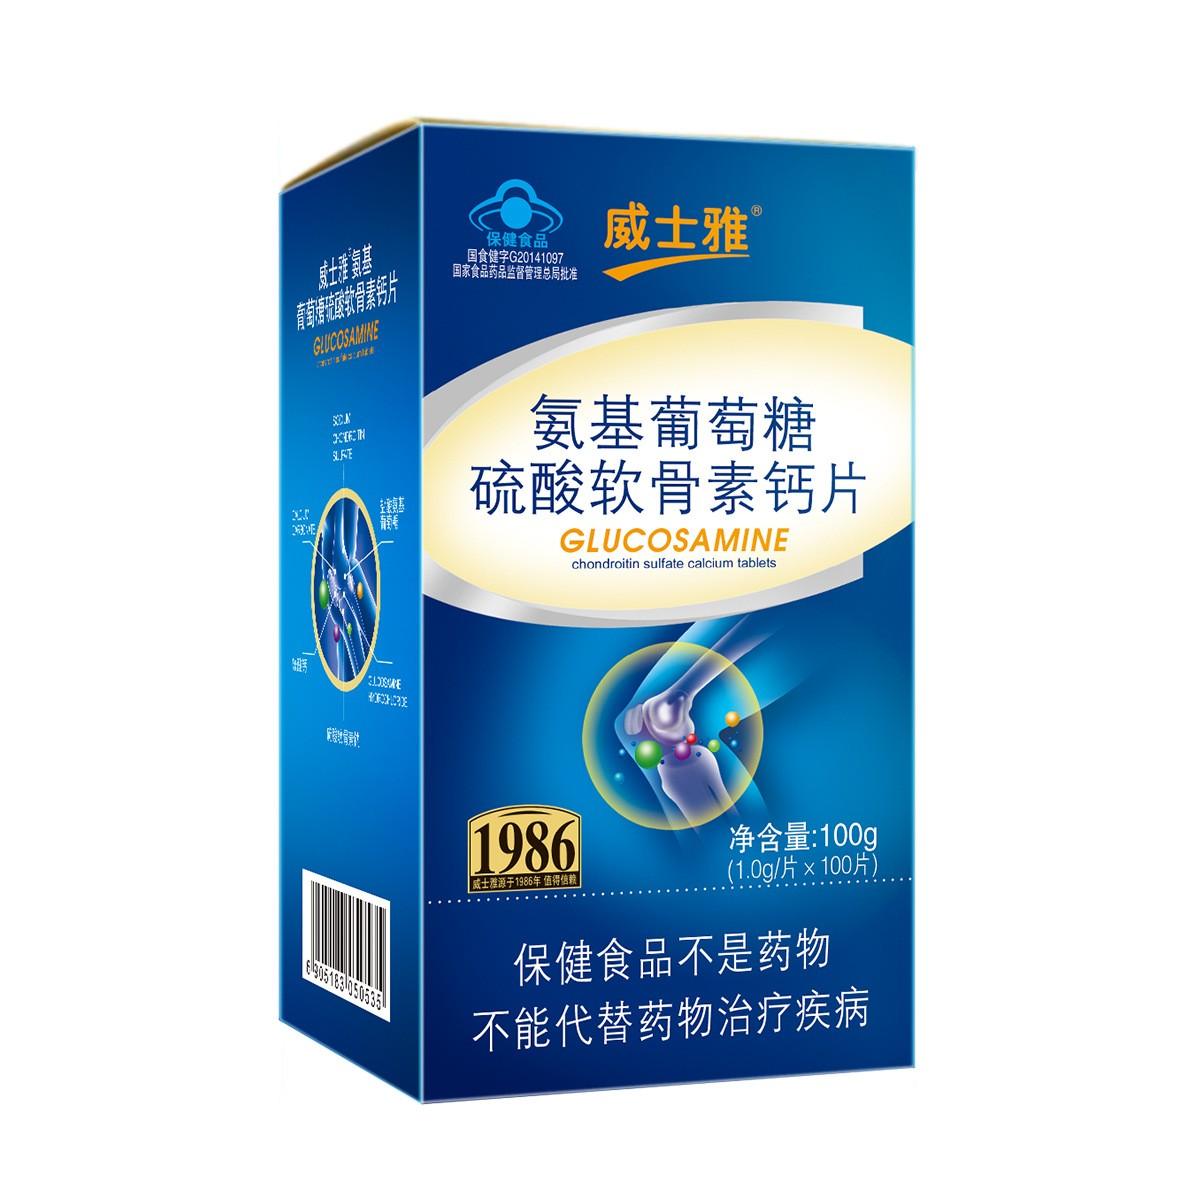 威士雅氨基葡萄糖硫酸软骨素钙片(保健品OEM贴牌代加工)